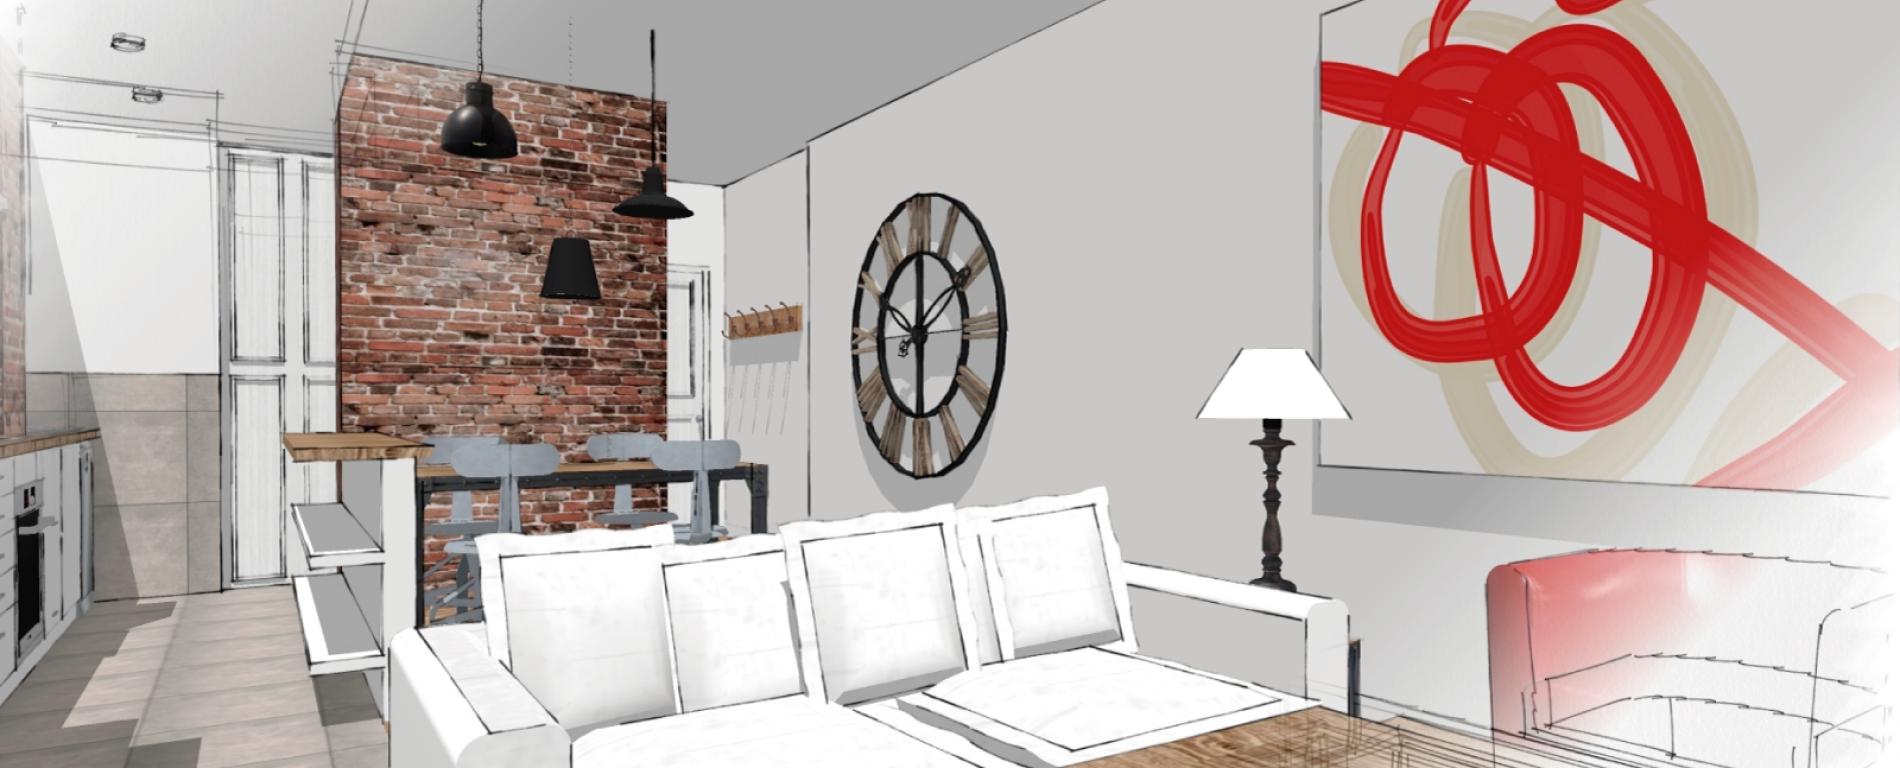 Arquitectura en interiores universidad de oriente puebla for Arquitectura de interiores pdf